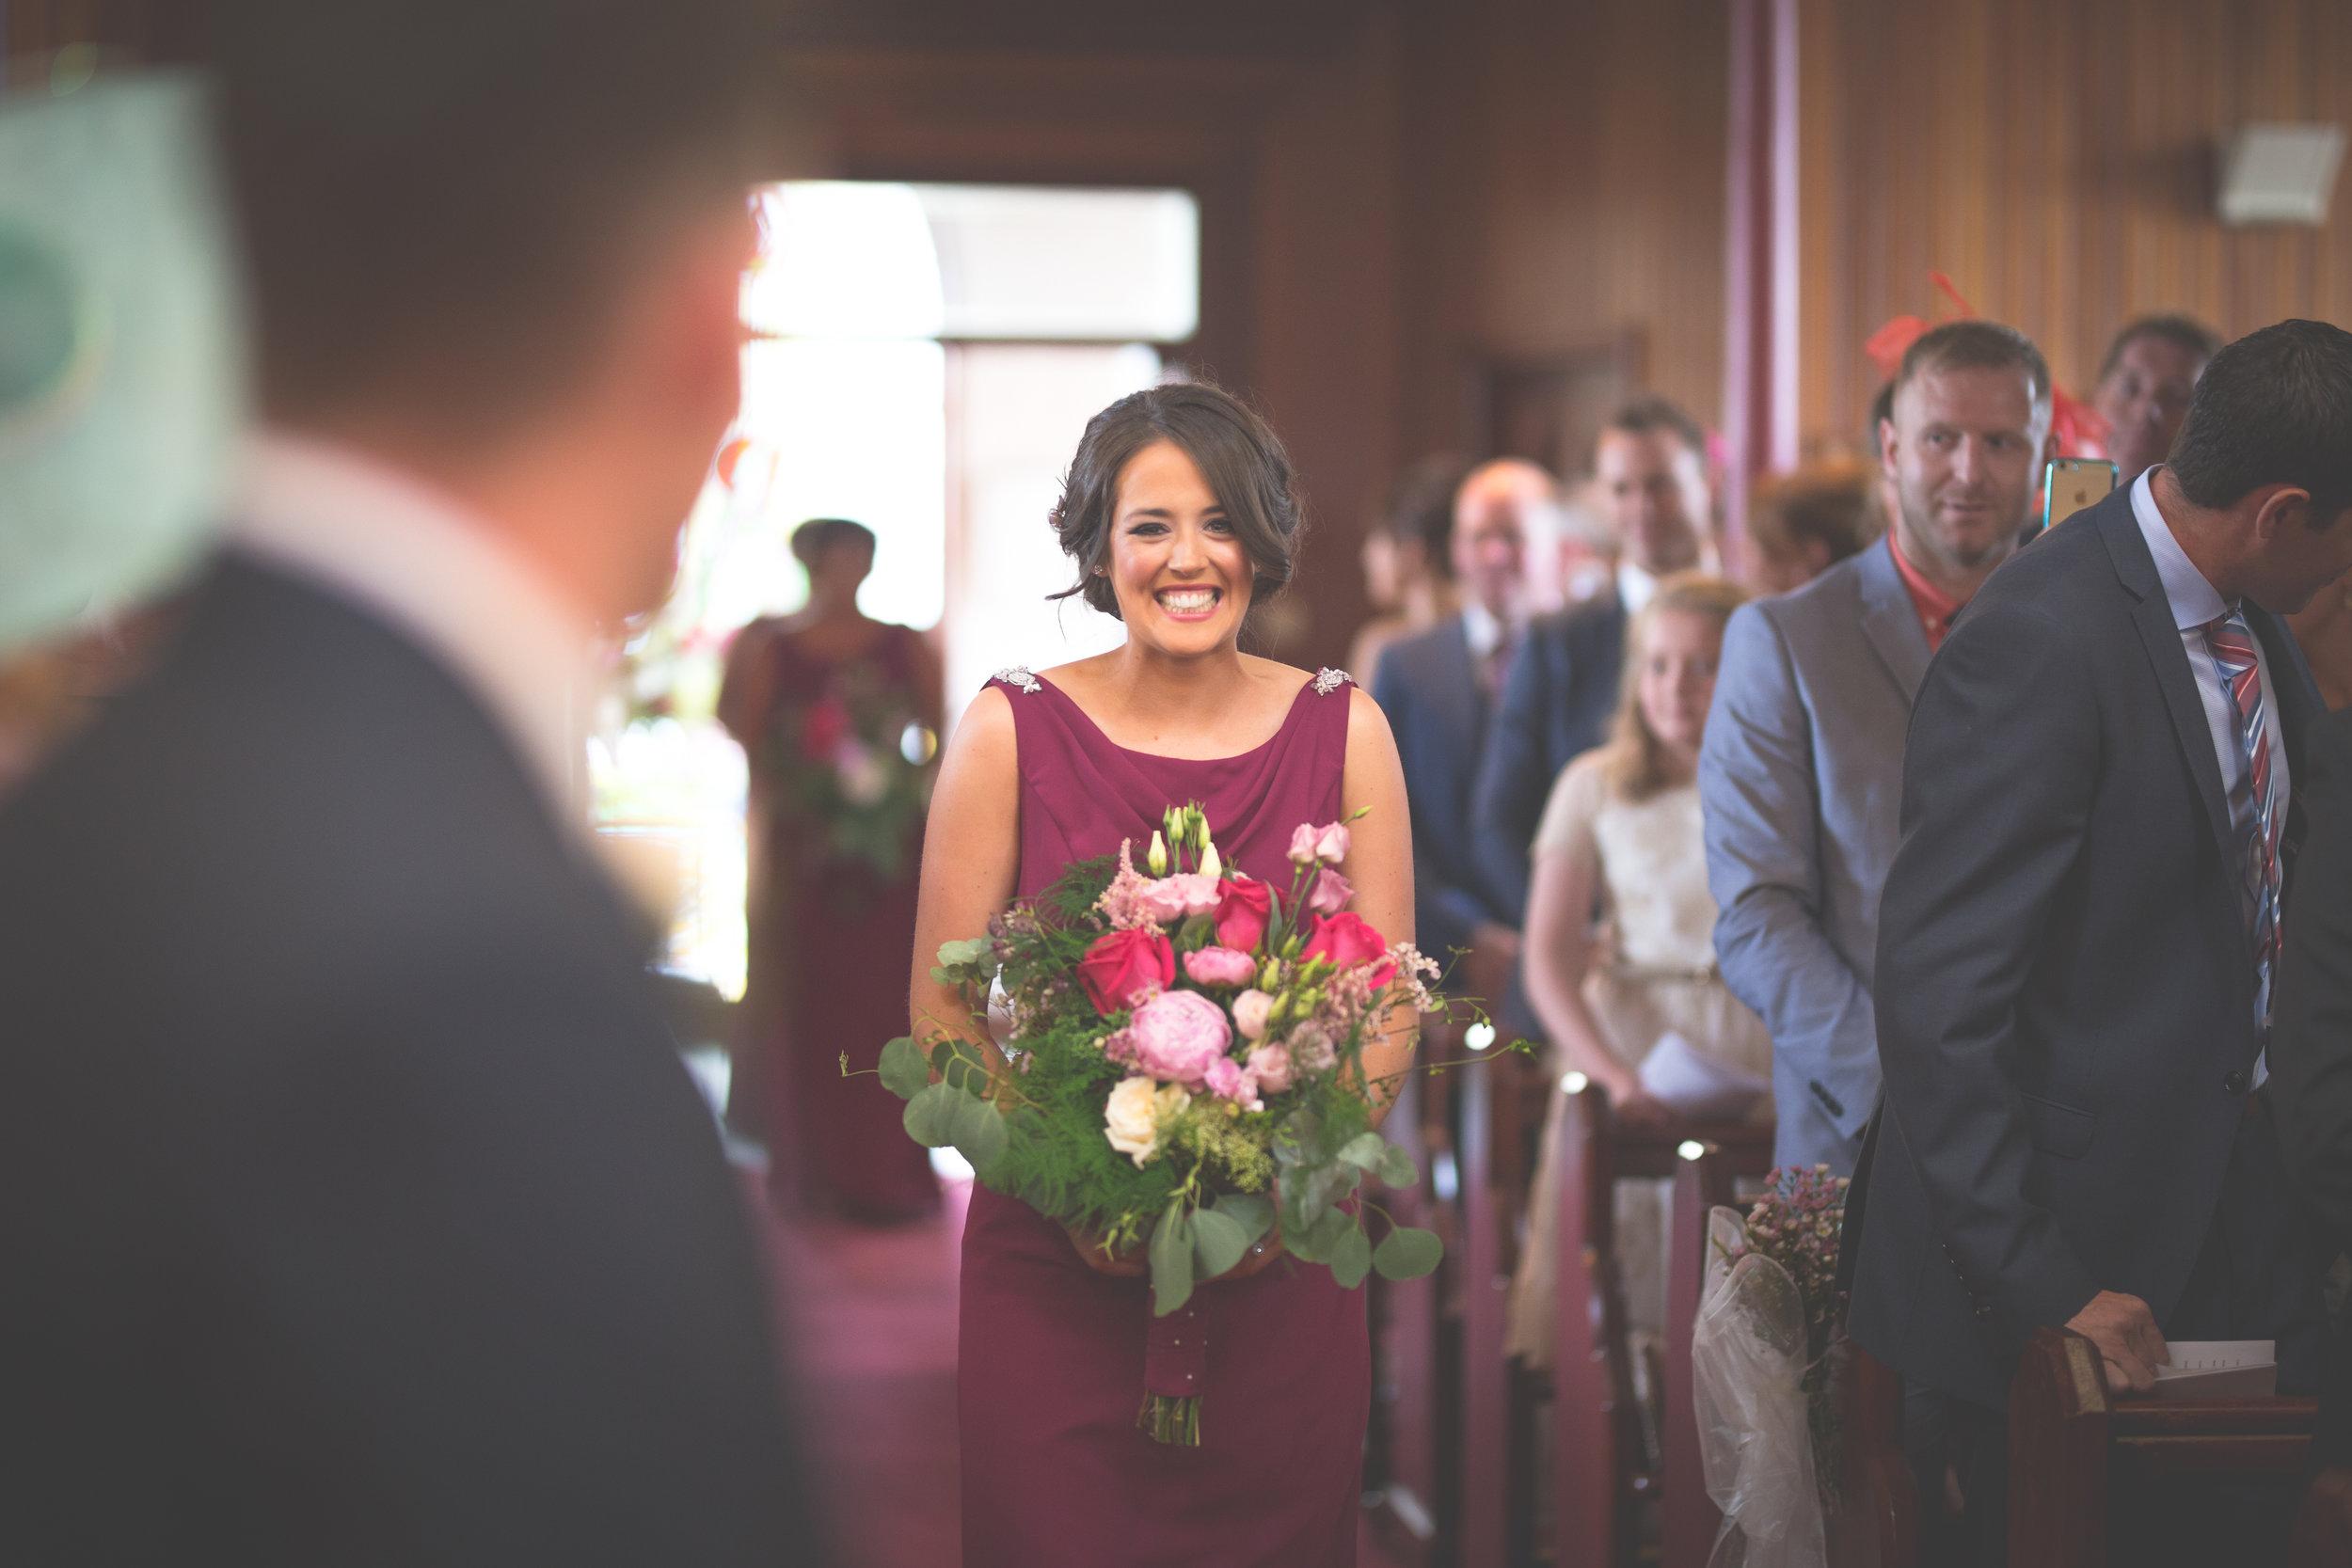 Brian McEwan Wedding Photography   Carol-Anne & Sean   The Ceremony-14.jpg